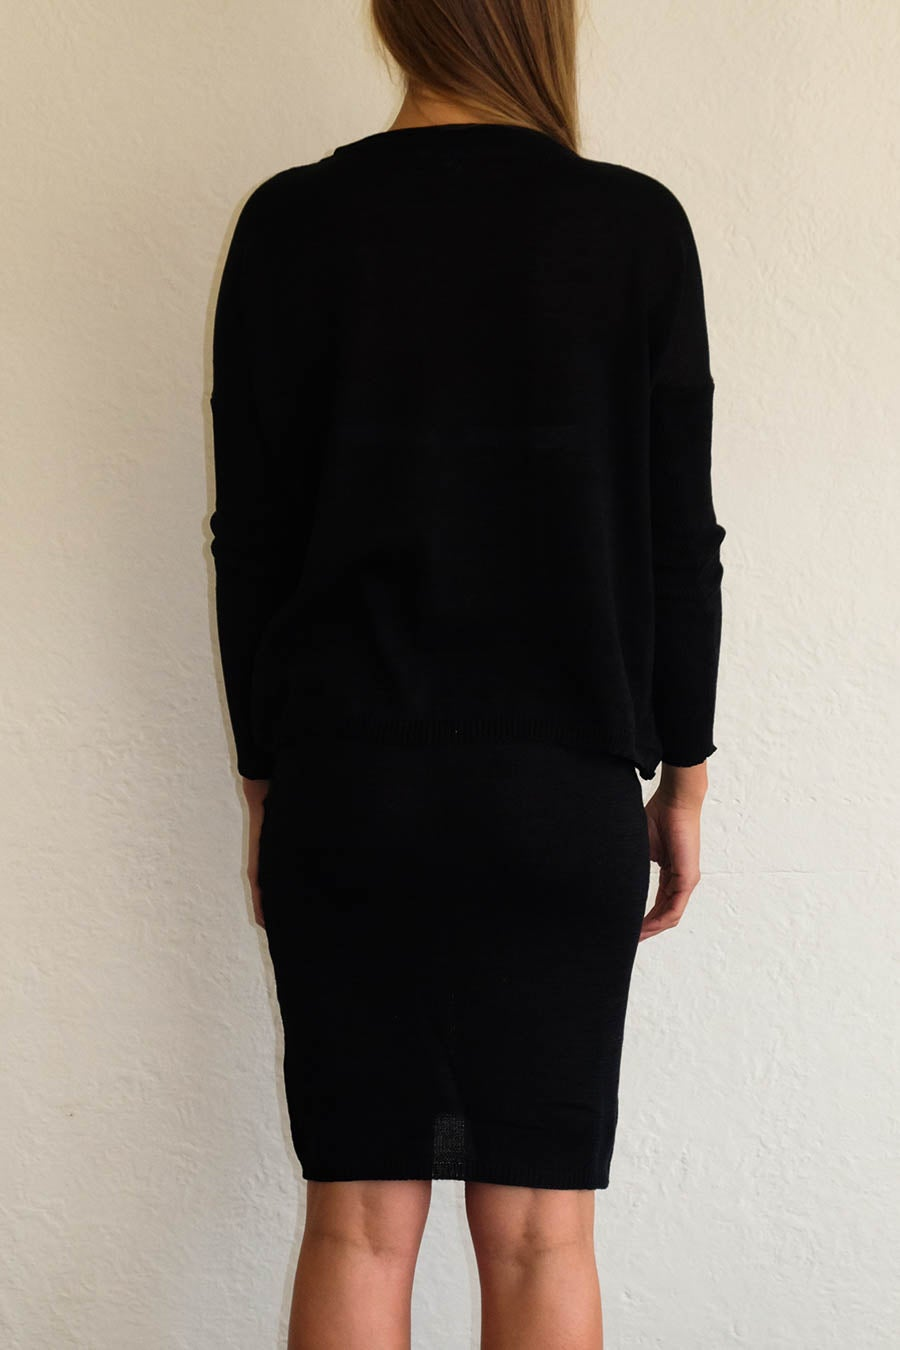 Image of TUBE SKIRT - BLACK